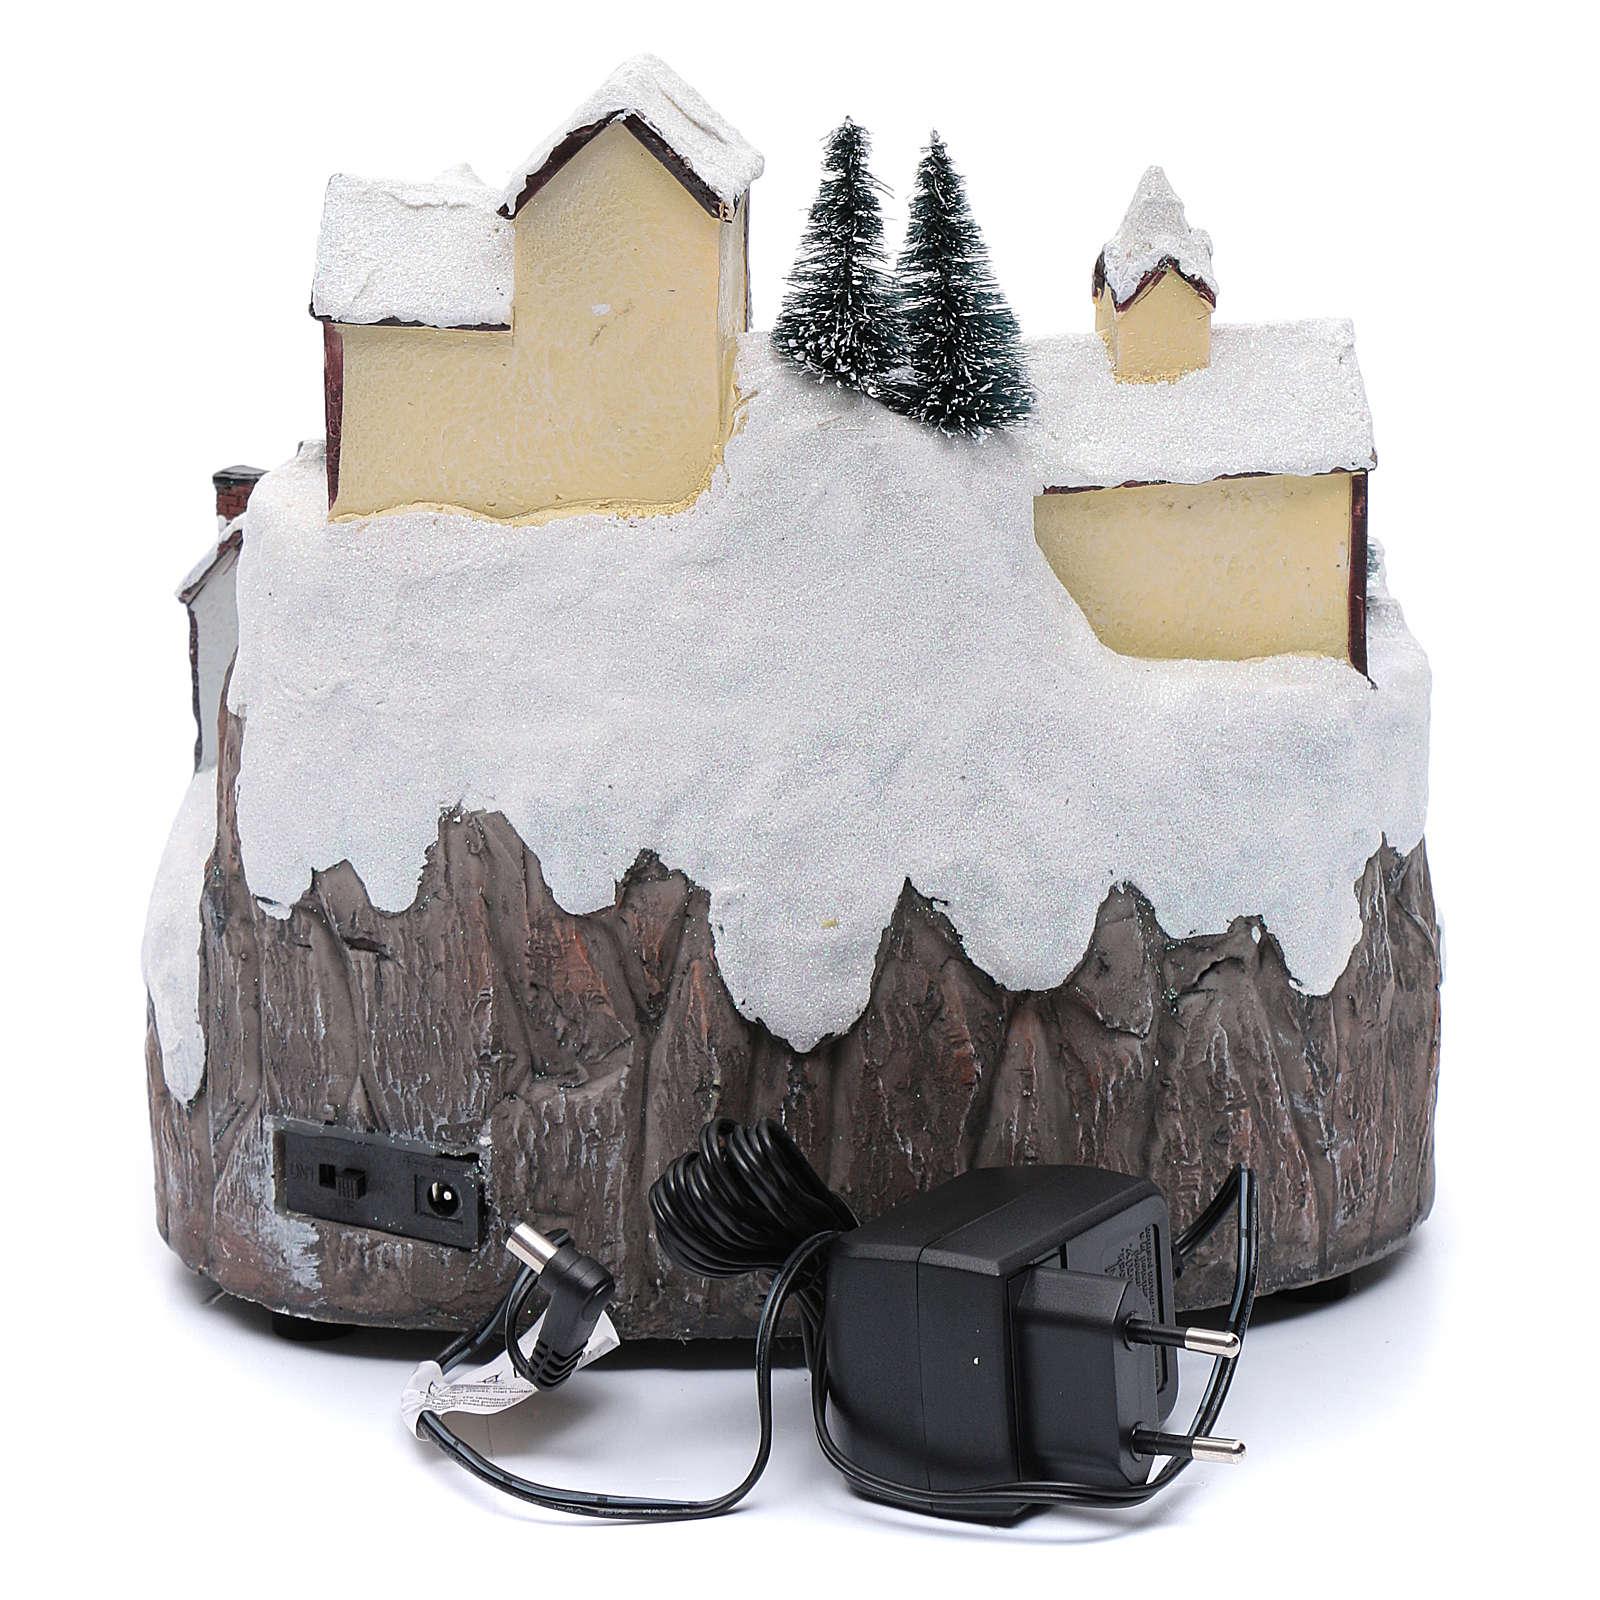 Villaggio di Natale con ruscello di fibra e musica 25x25x17 cm 3